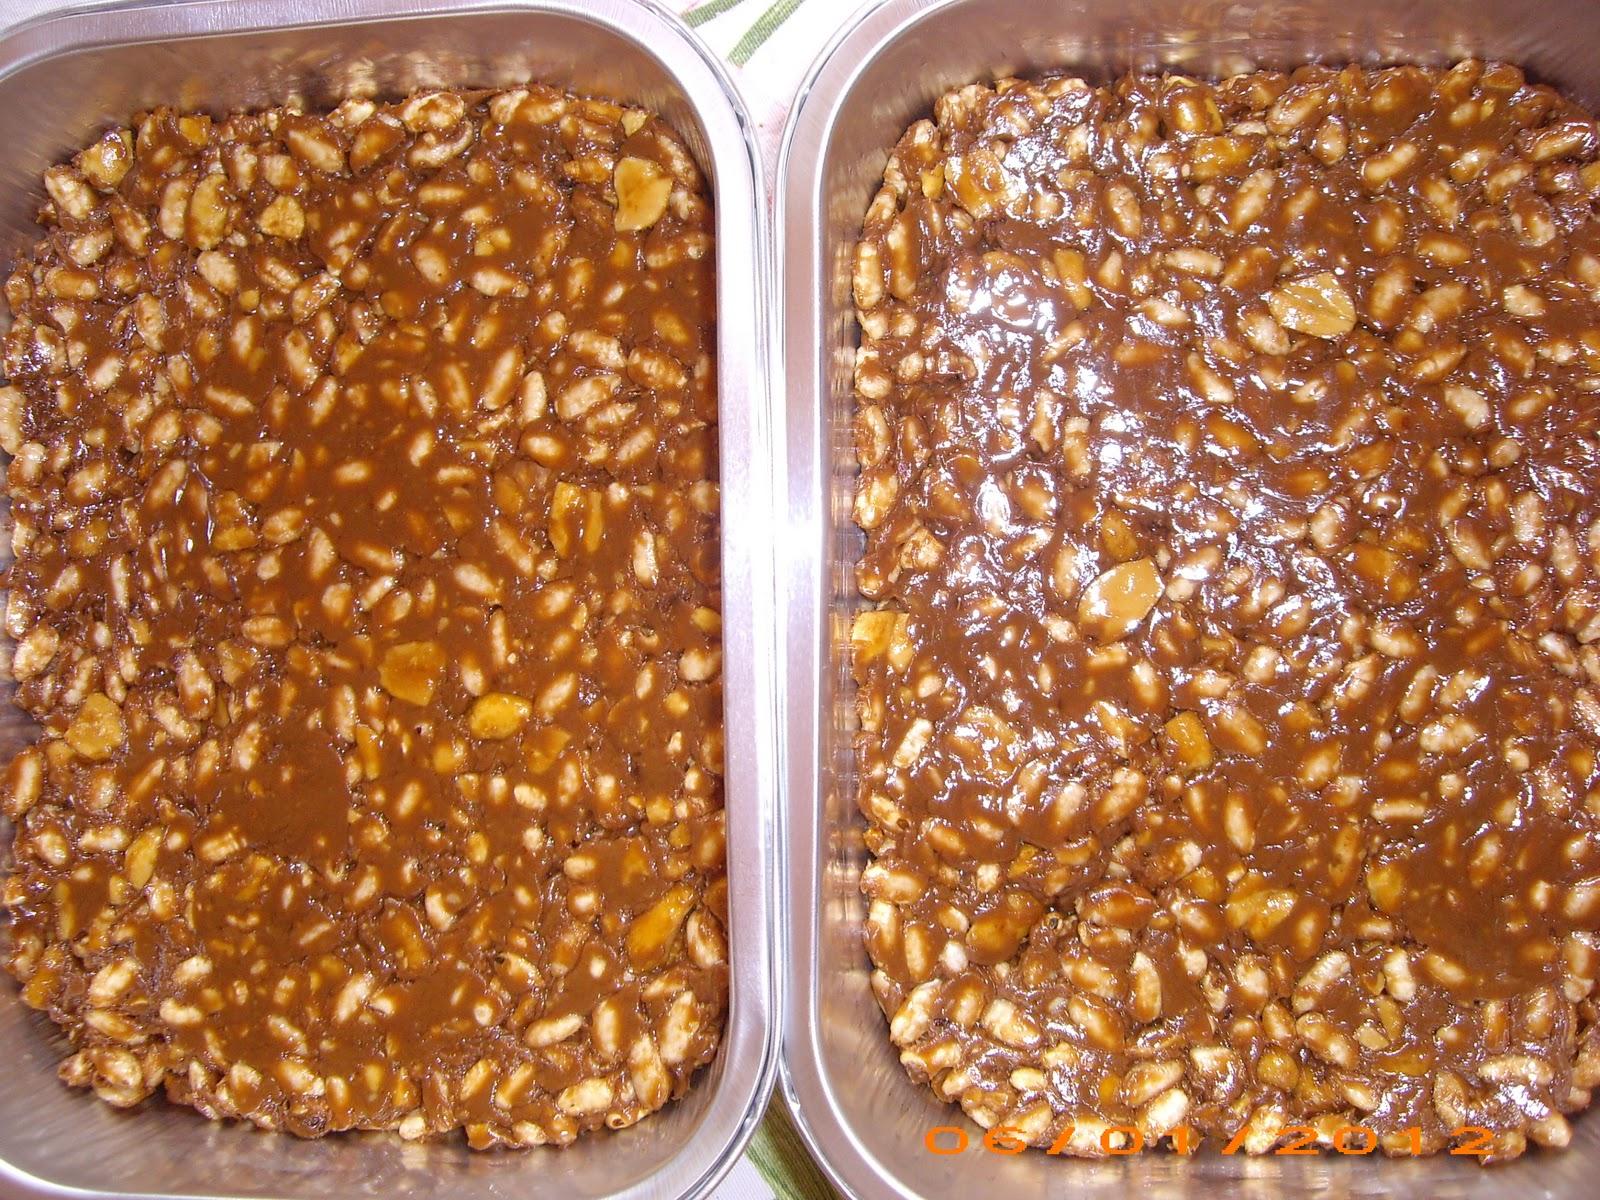 Popolare cibo che fa sognare  senza glutine: CROCCANTINI CON SNICKERS E  TI83